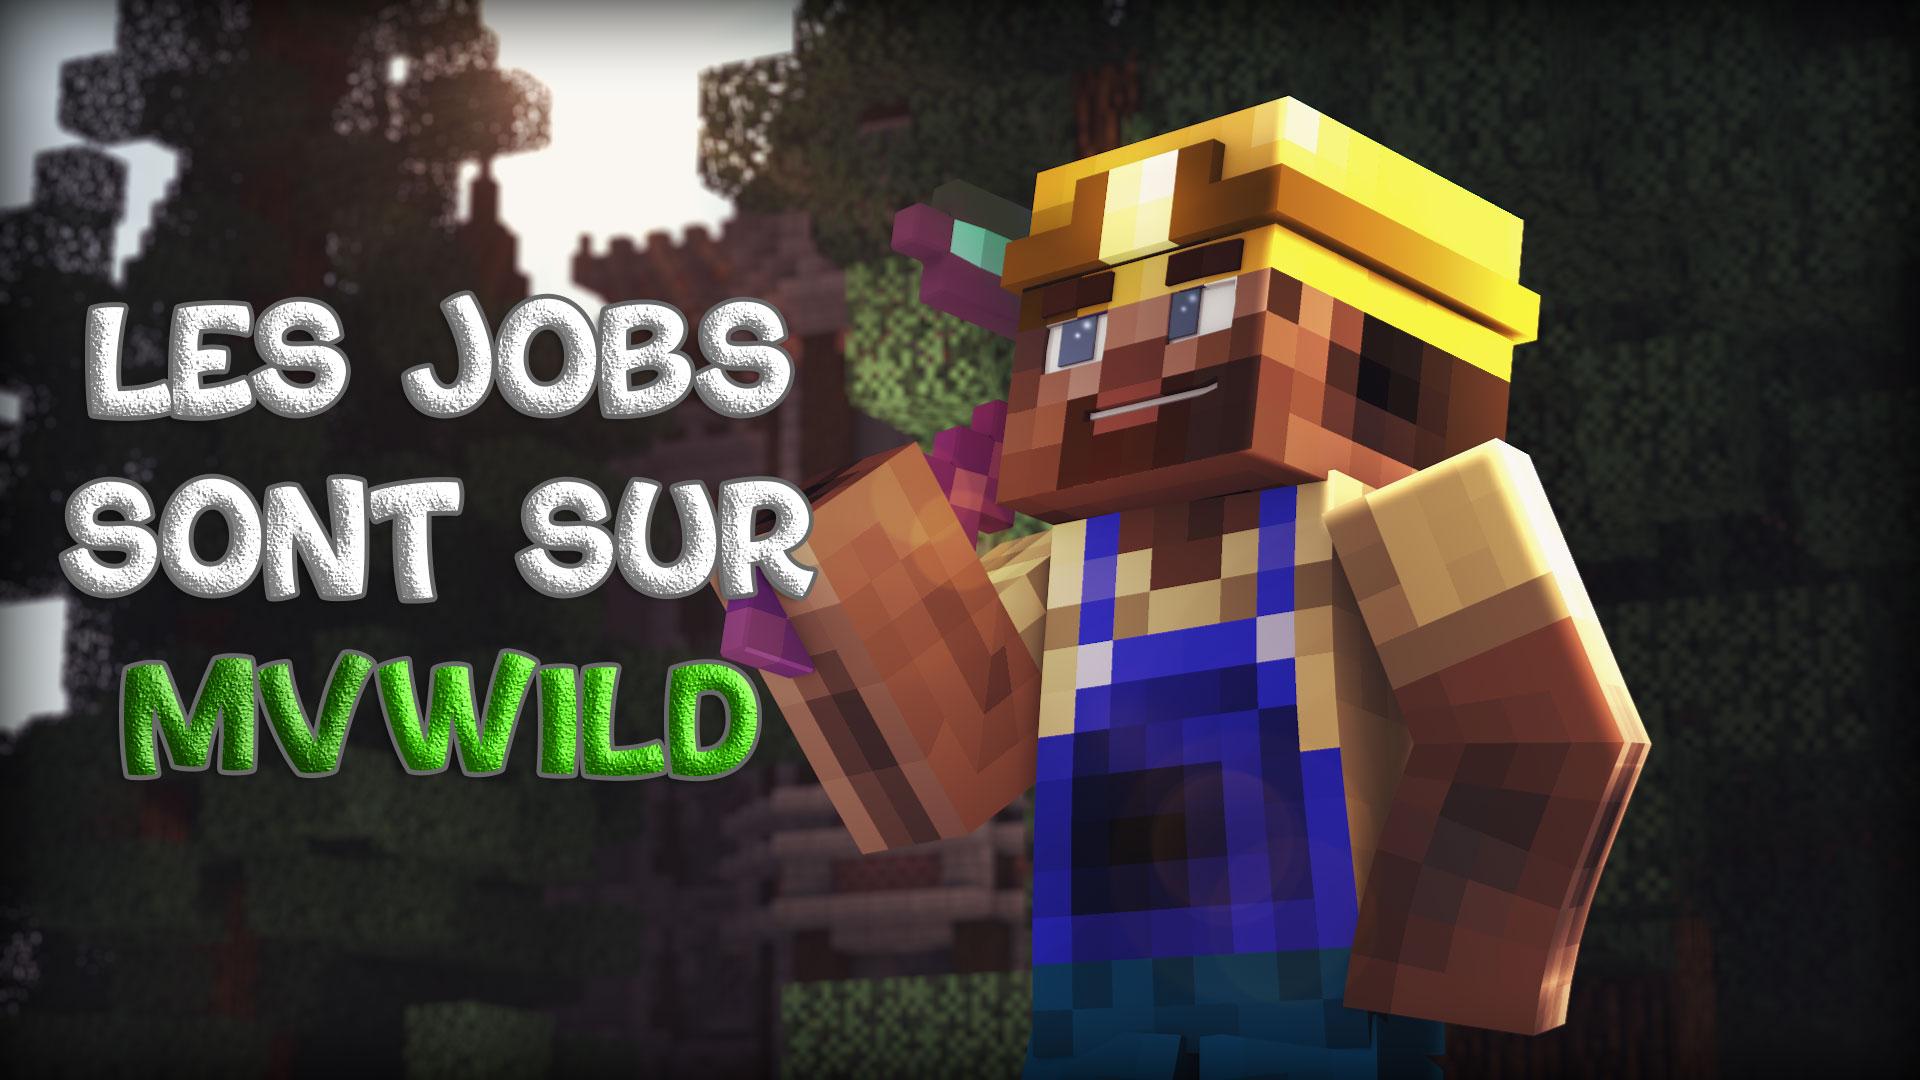 Les jobs sont sur MvWild